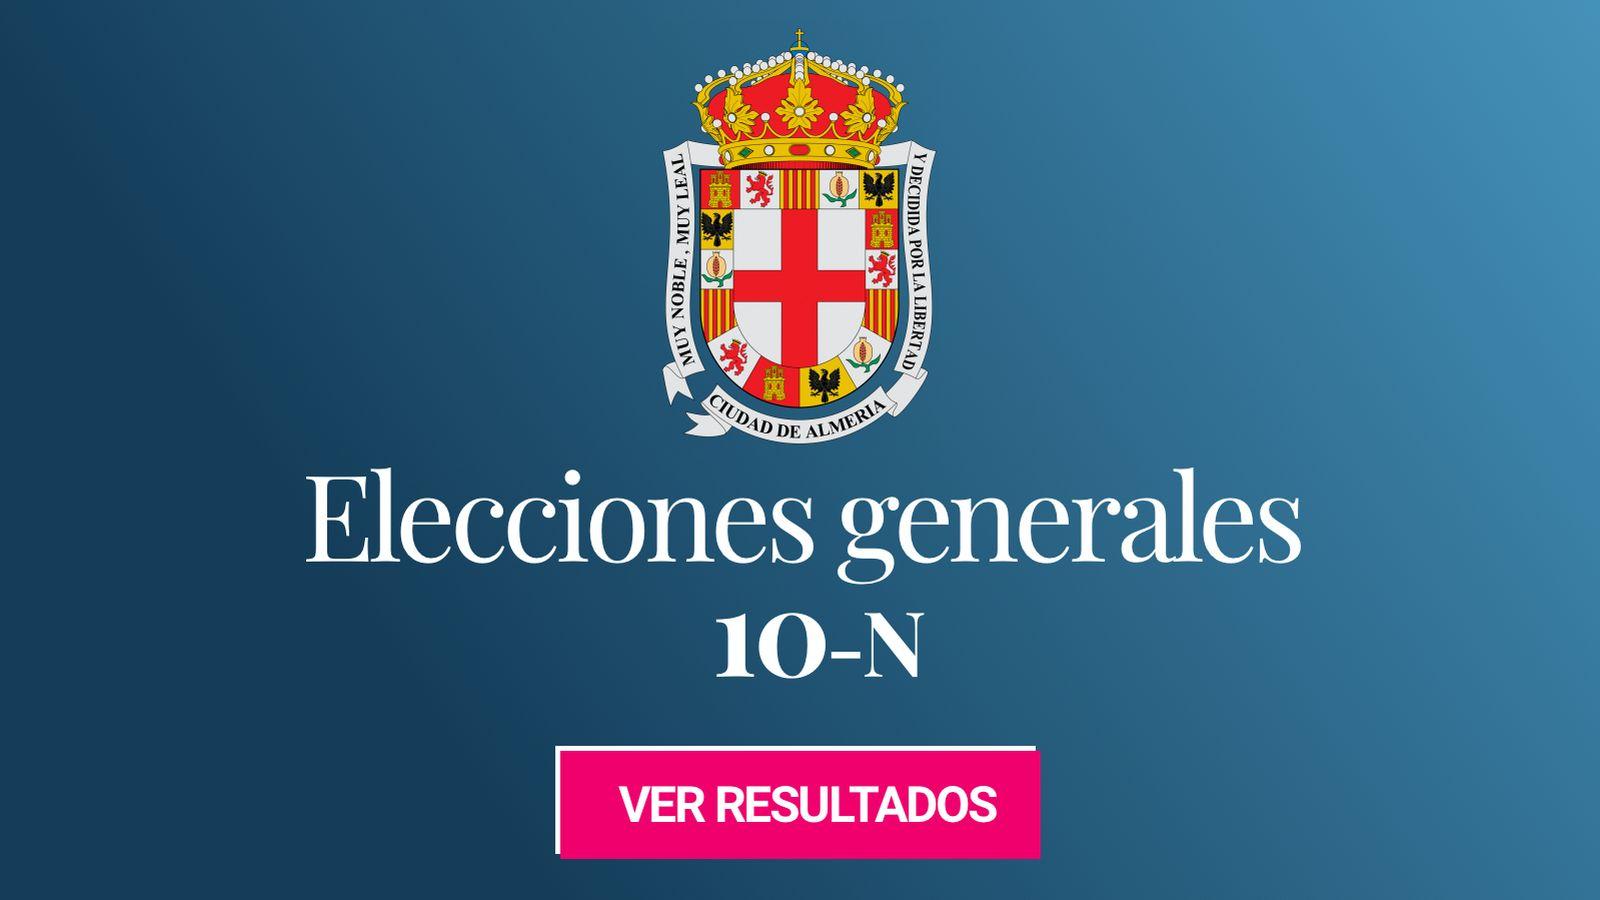 Foto: Elecciones generales 2019 en Almería. (C.C./EC)